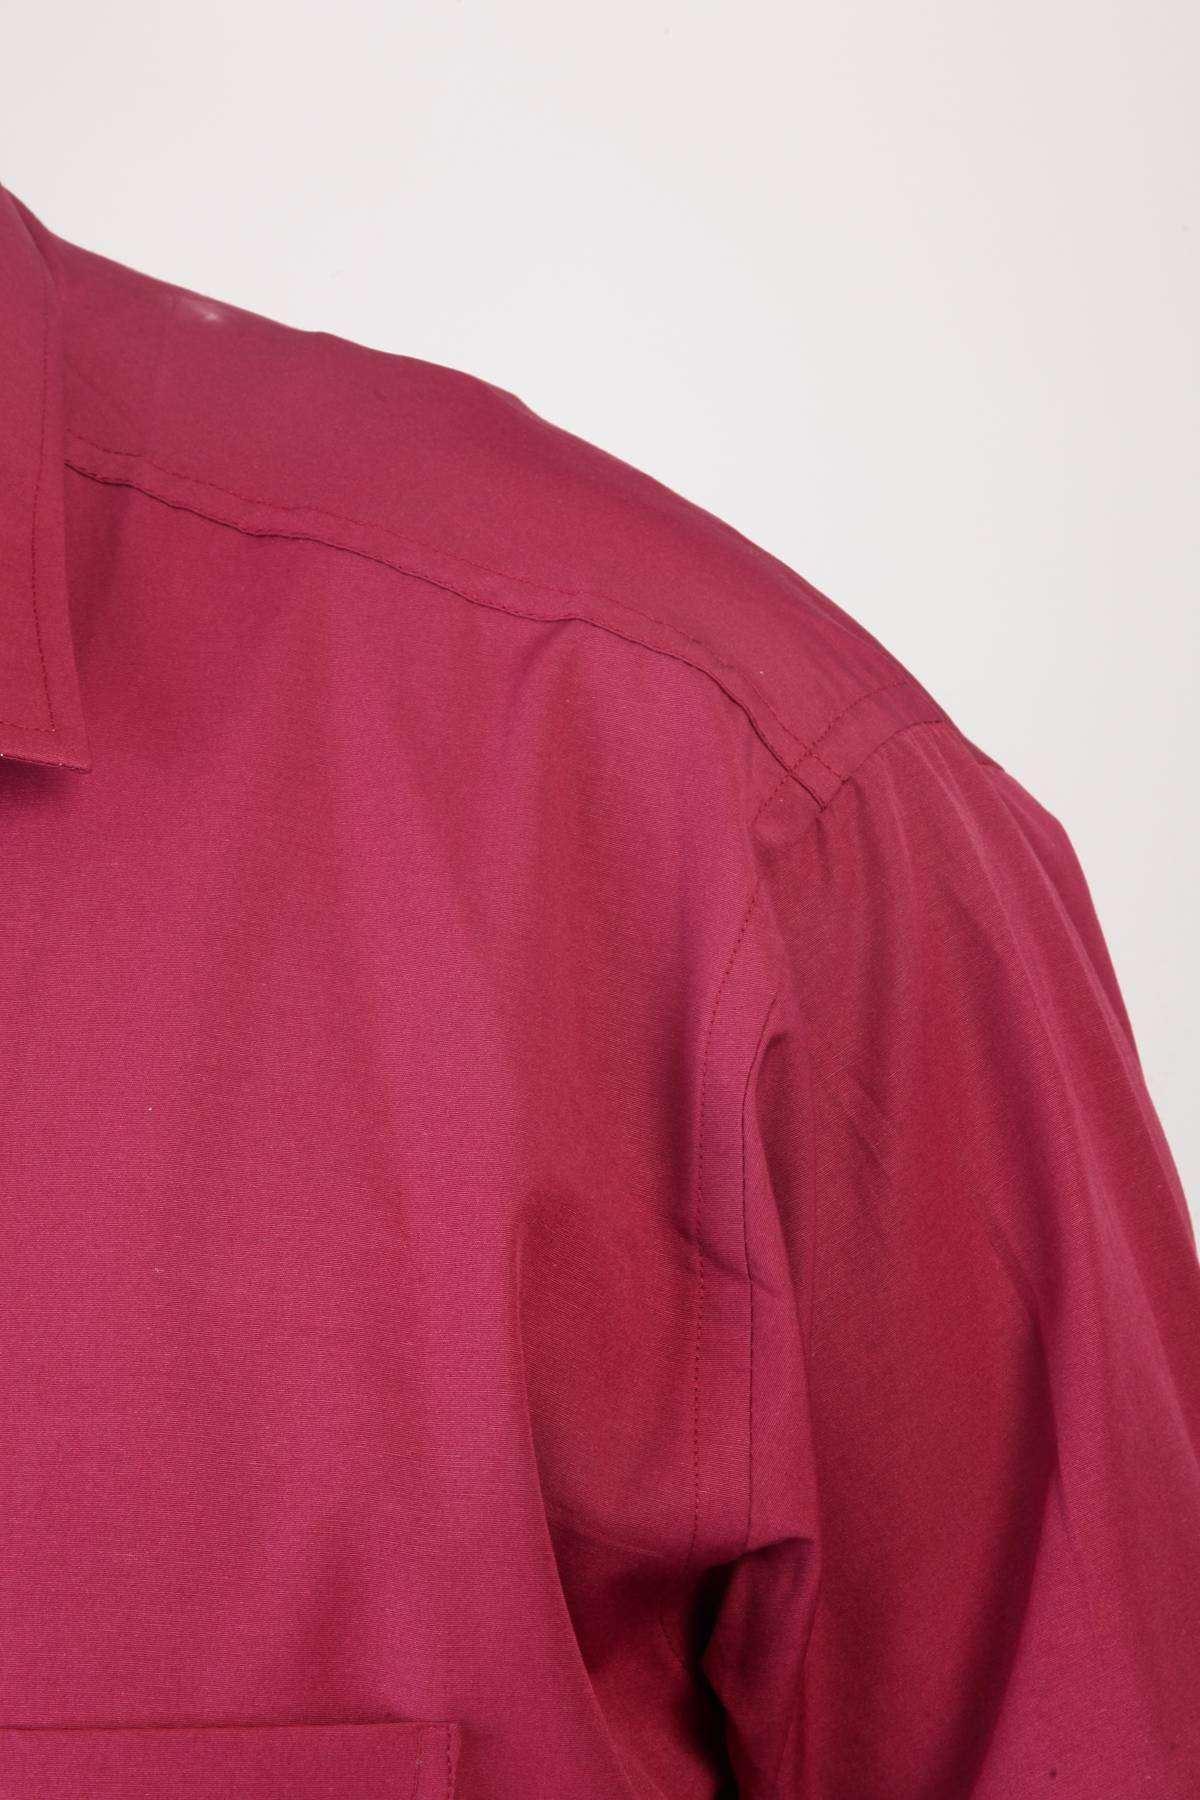 Dakron Düz Süper Battal Gömlek Bordo